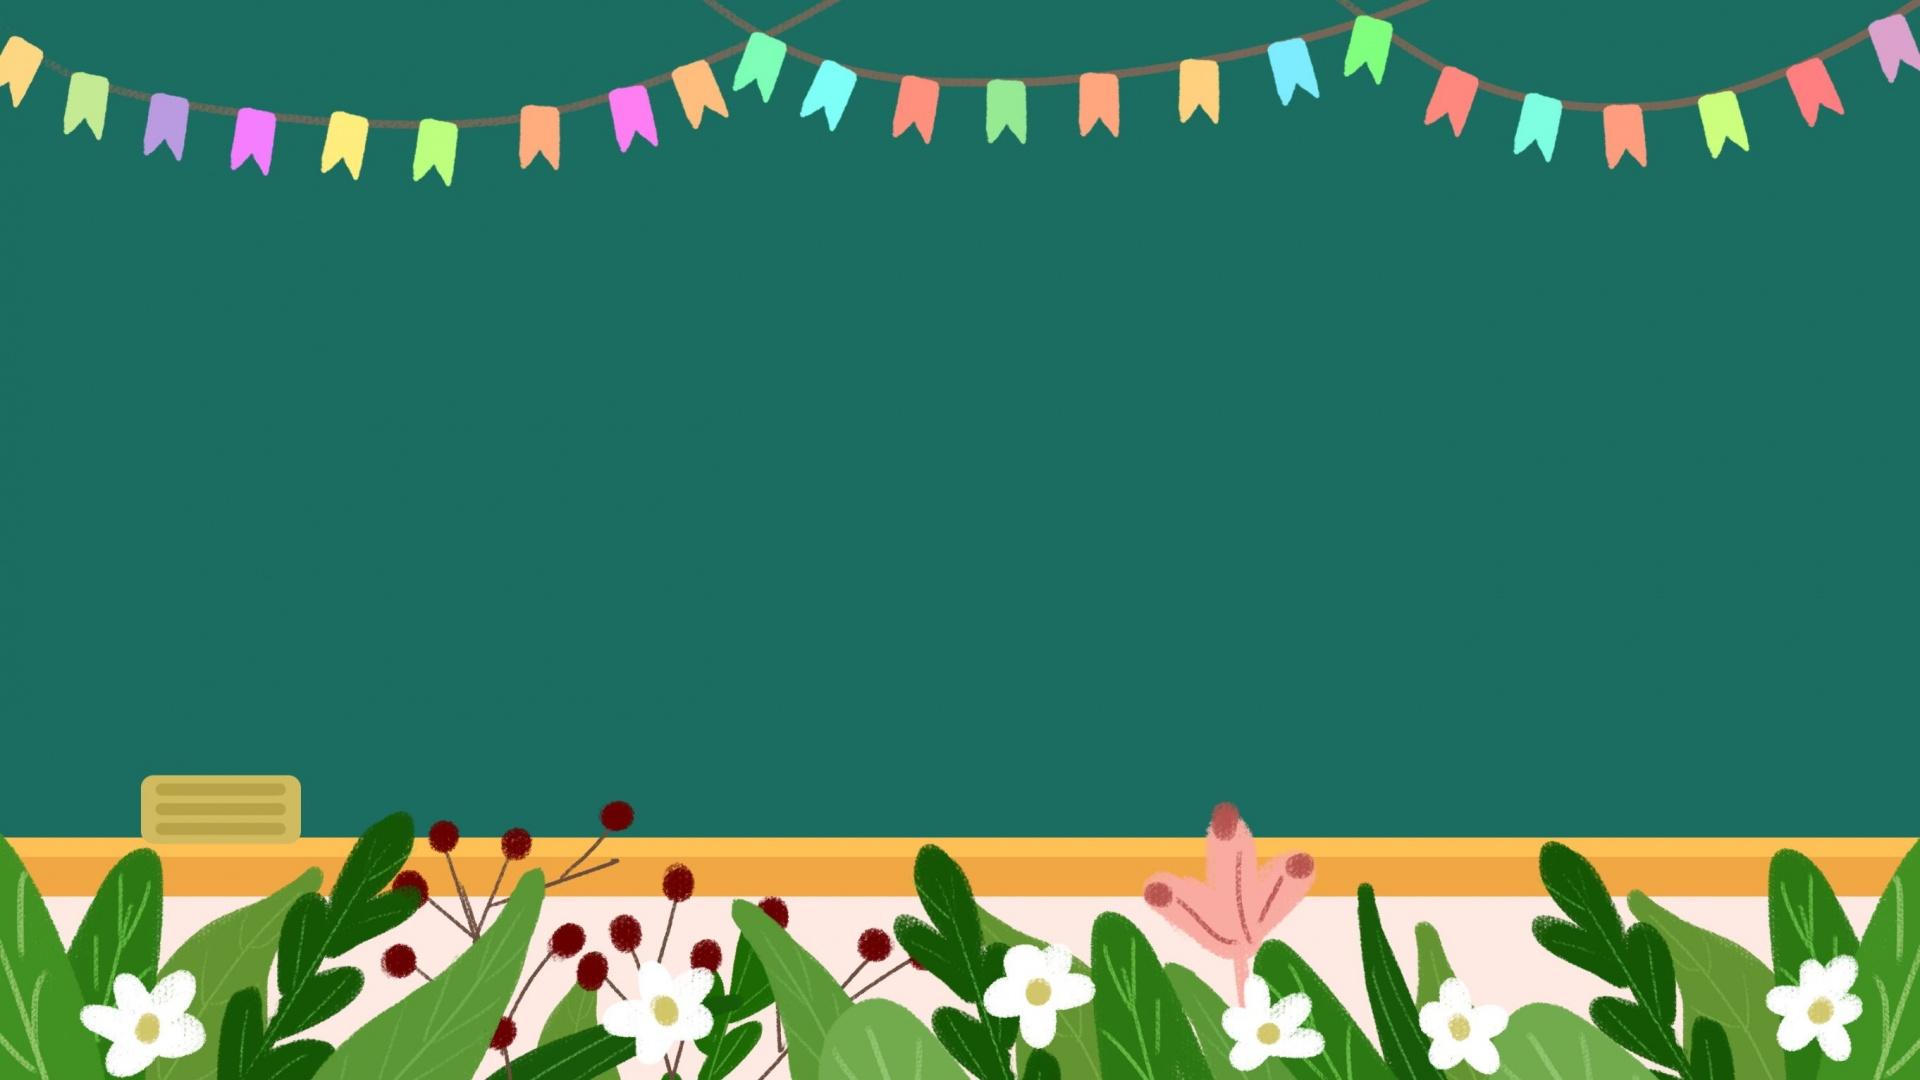 School free wallpaper